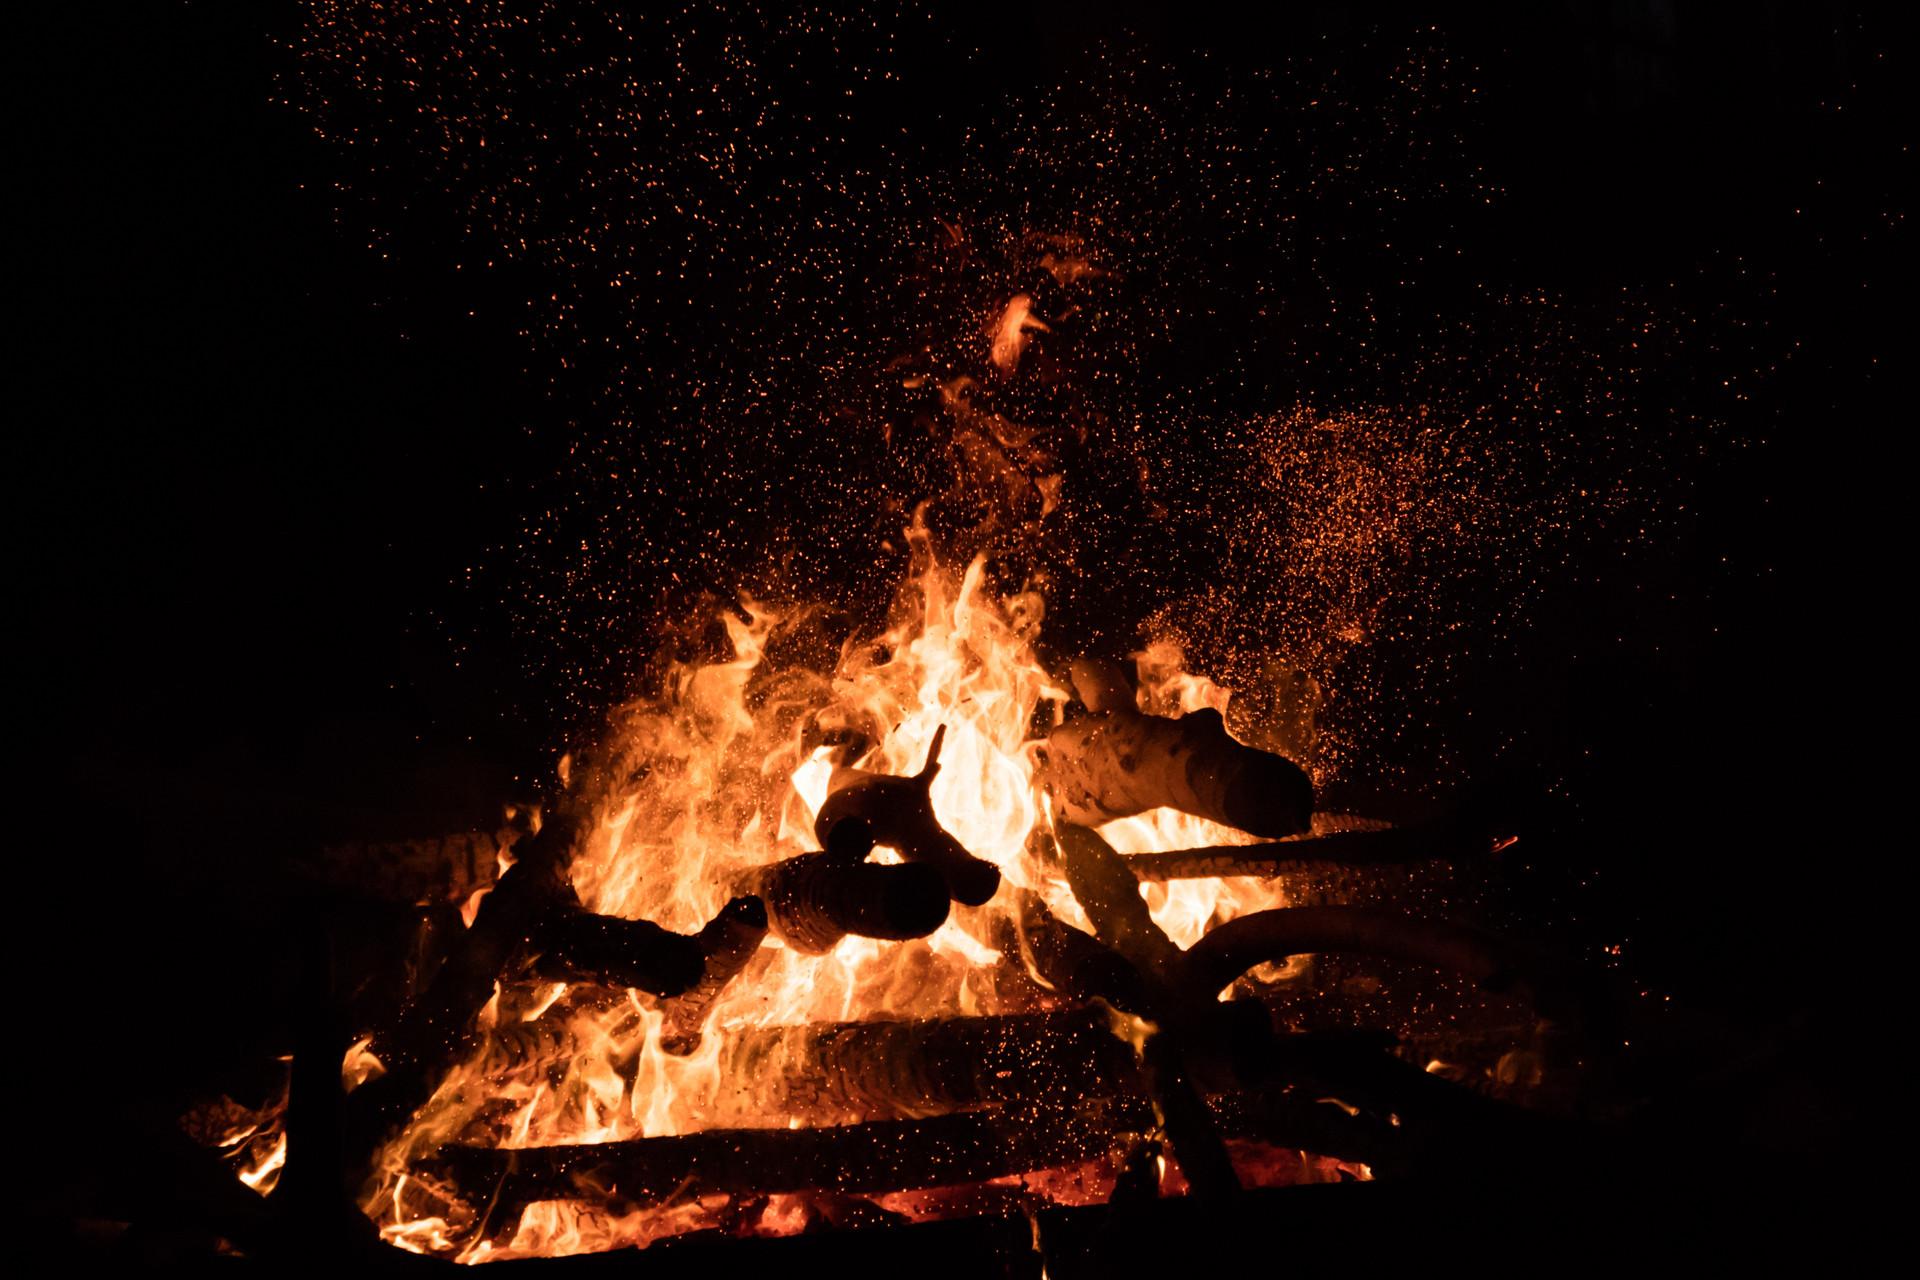 阿里彭蕾:生命里总得要有什么值得你为他燃烧一回